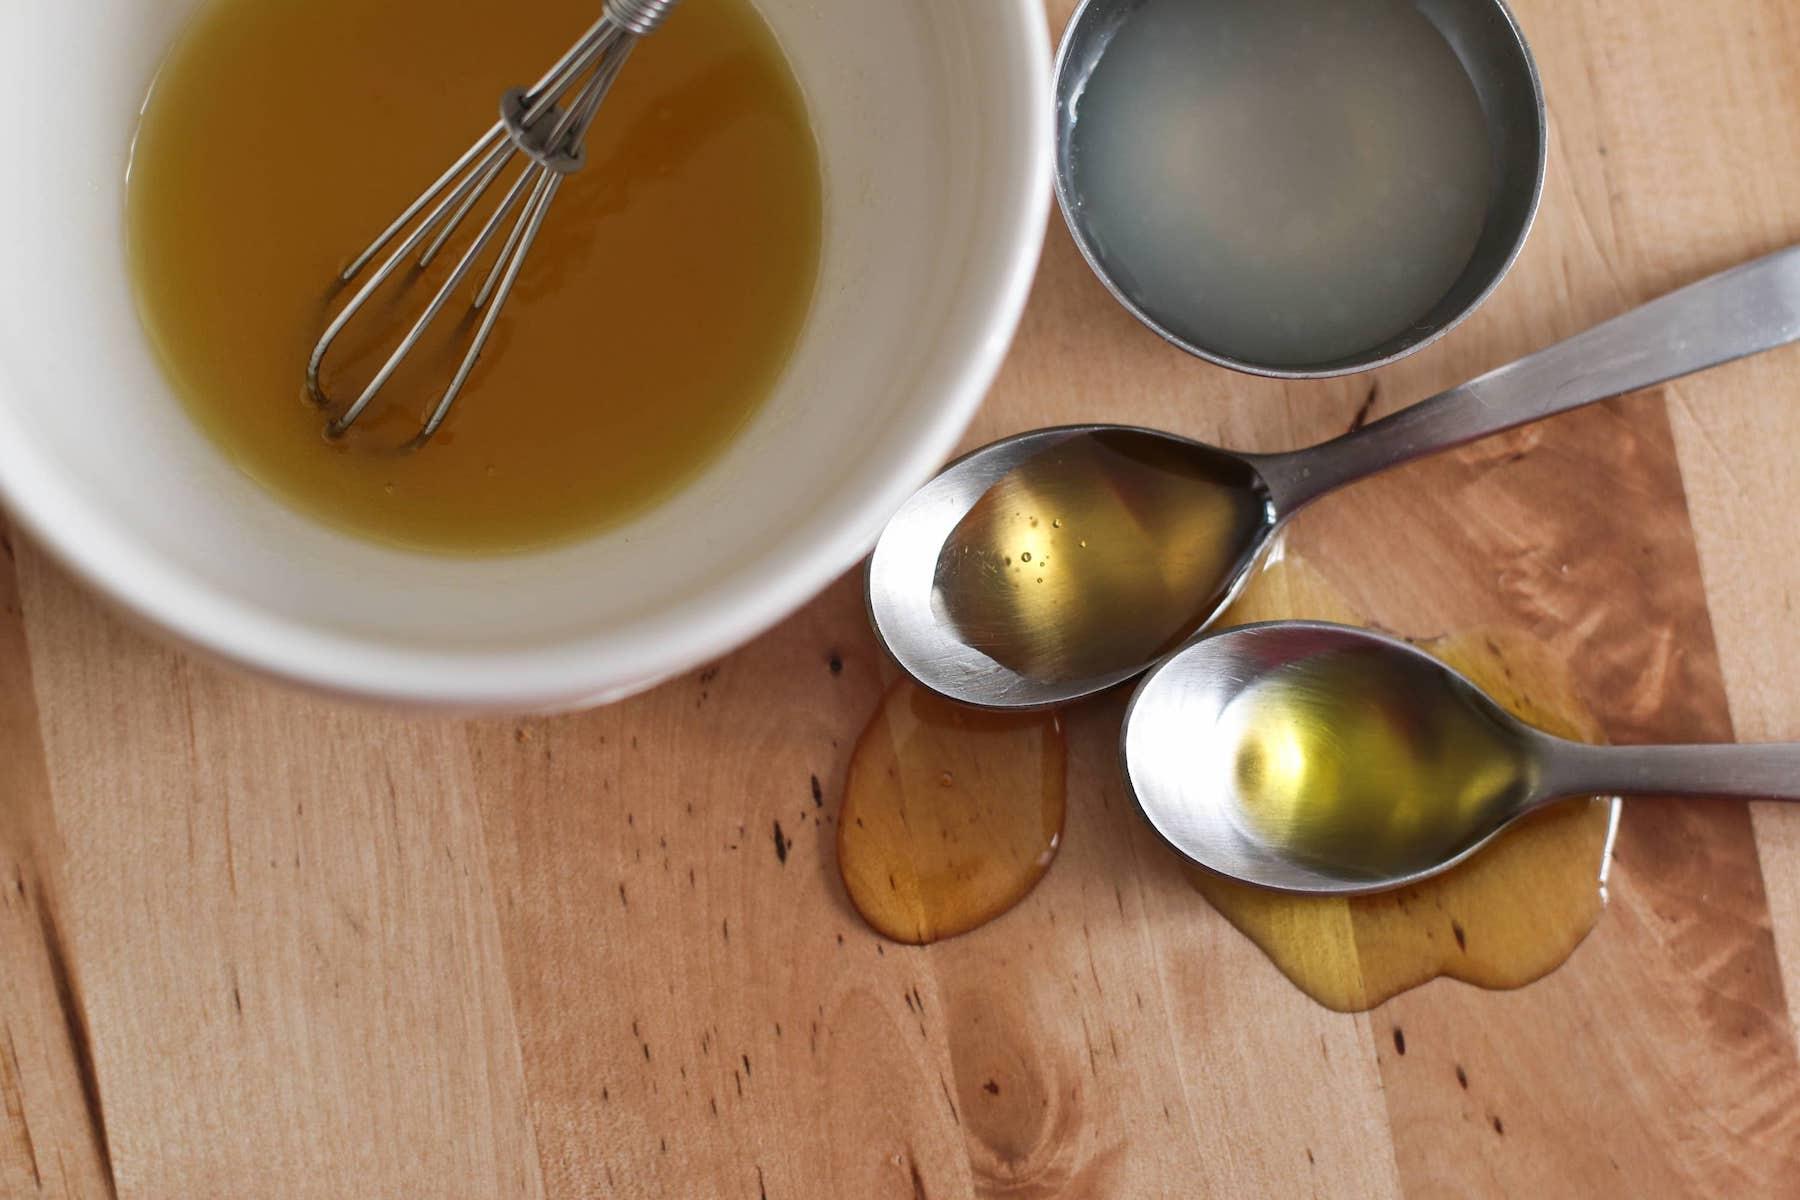 Masque capillaire pour les cheveux secs et cassants (2 ingrédients)!